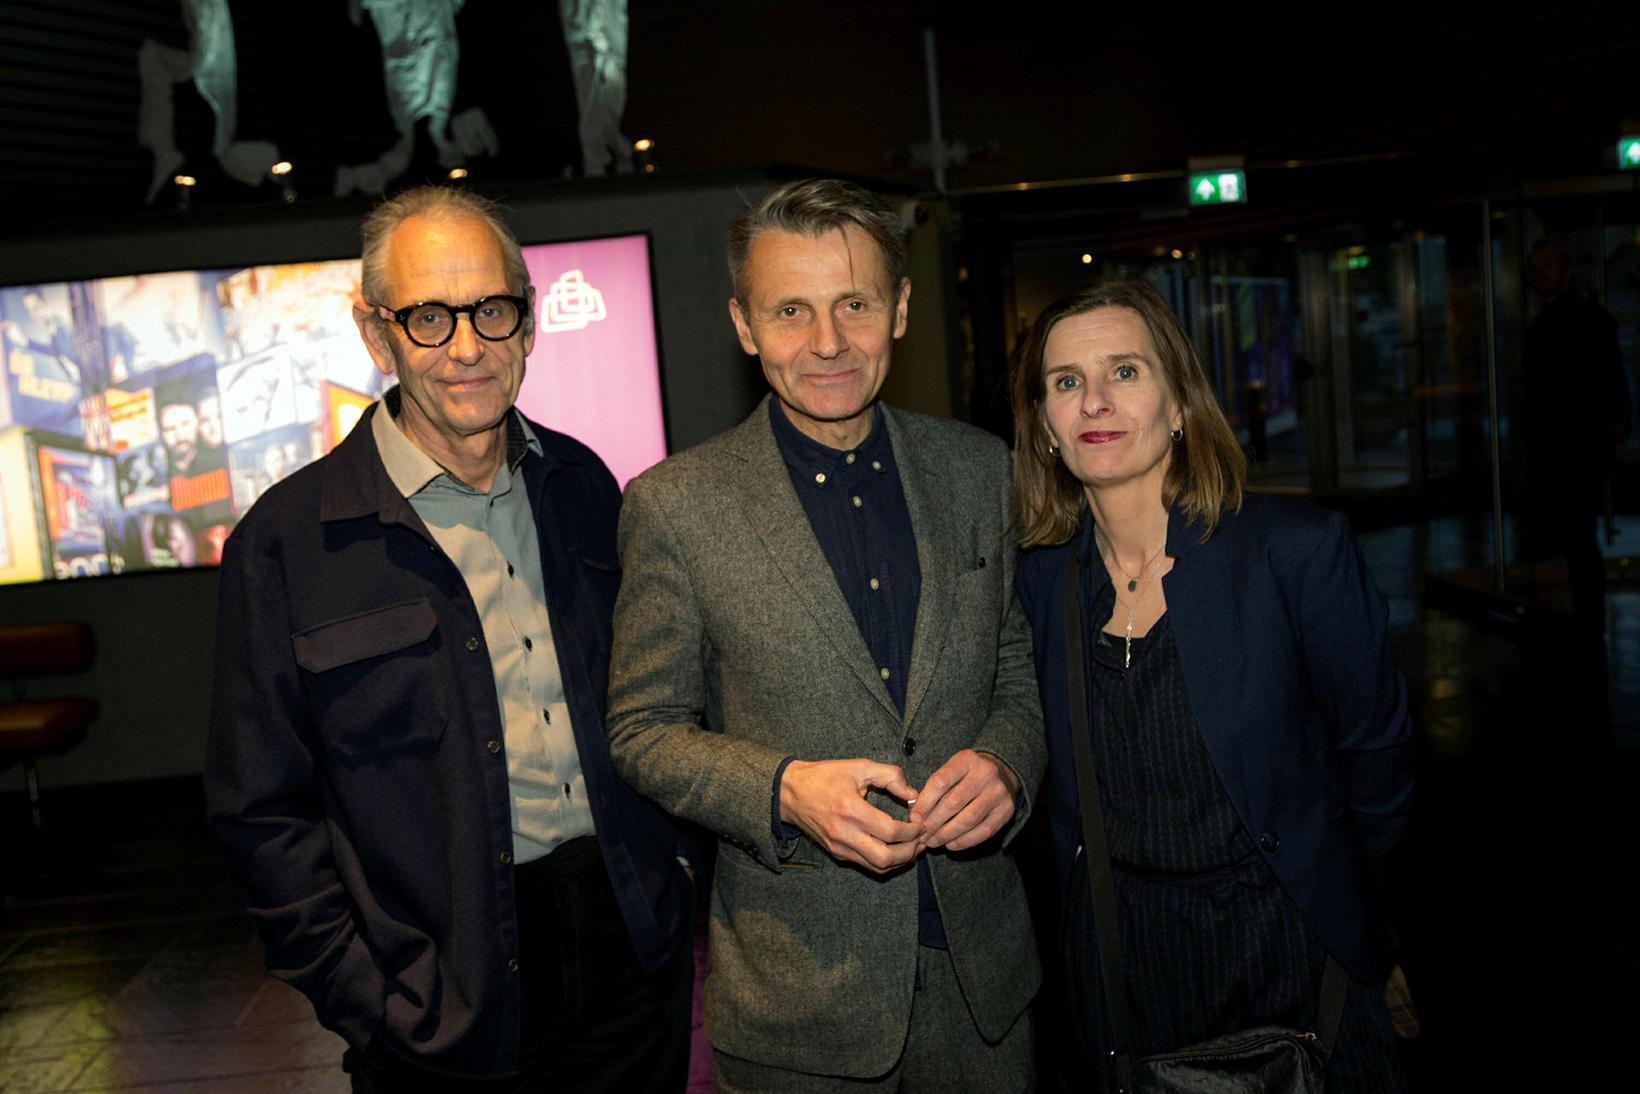 Páll Baldvin Baldvinsson, Haraldur Jónsson og Katrín Ingvadóttir.